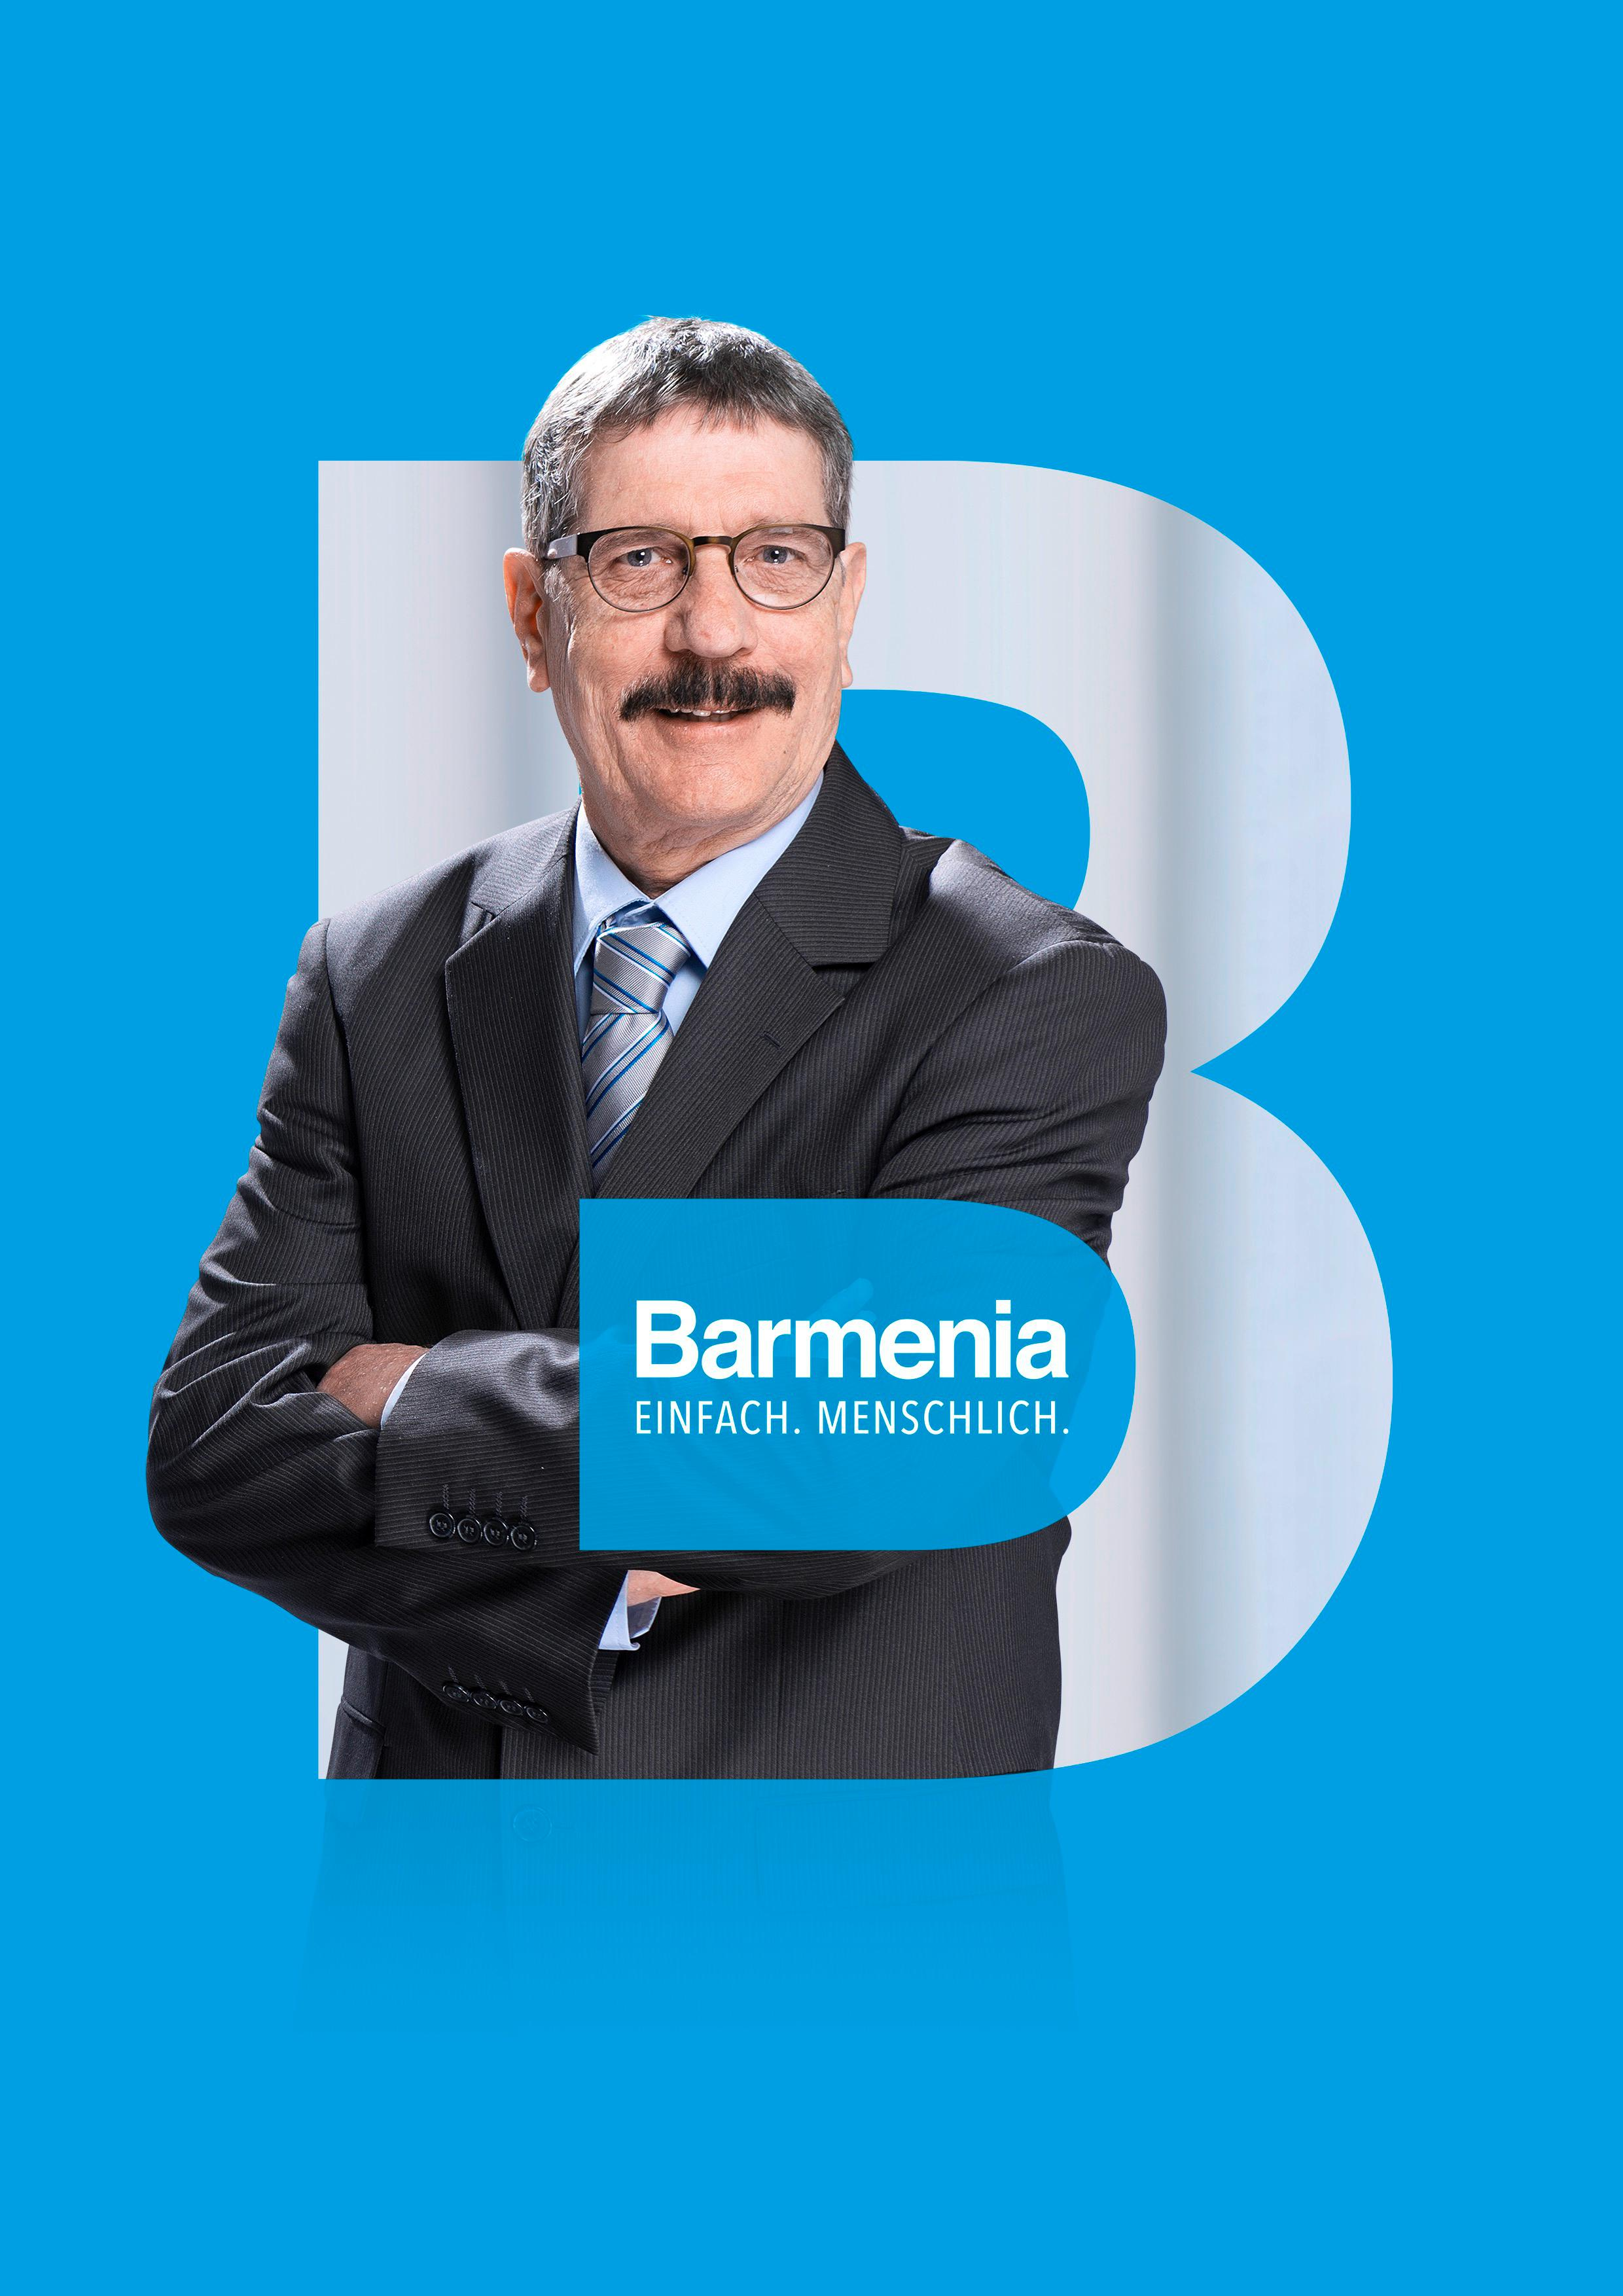 Barmenia Versicherung - Heinz-Peter Bartlewski